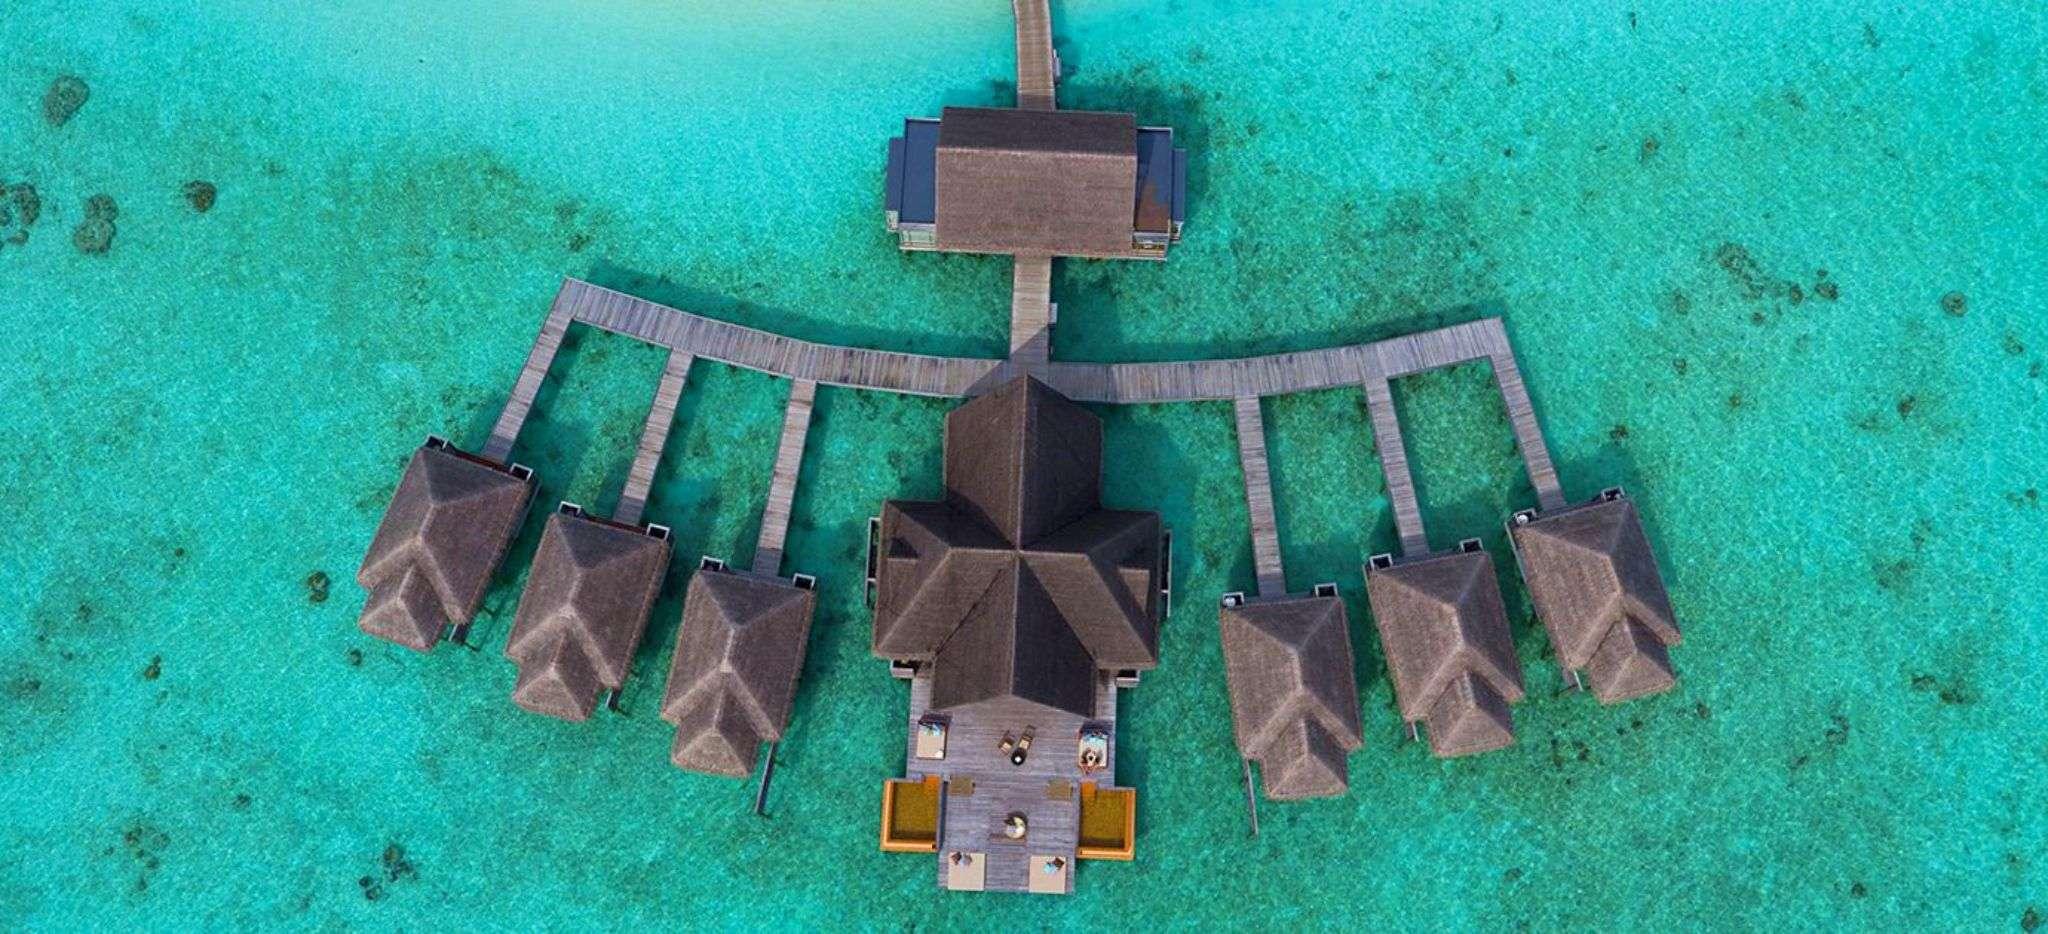 Luftaufnahme einer riesigen verzweigten Wasservilla, dem Spa des Anantara Kihava